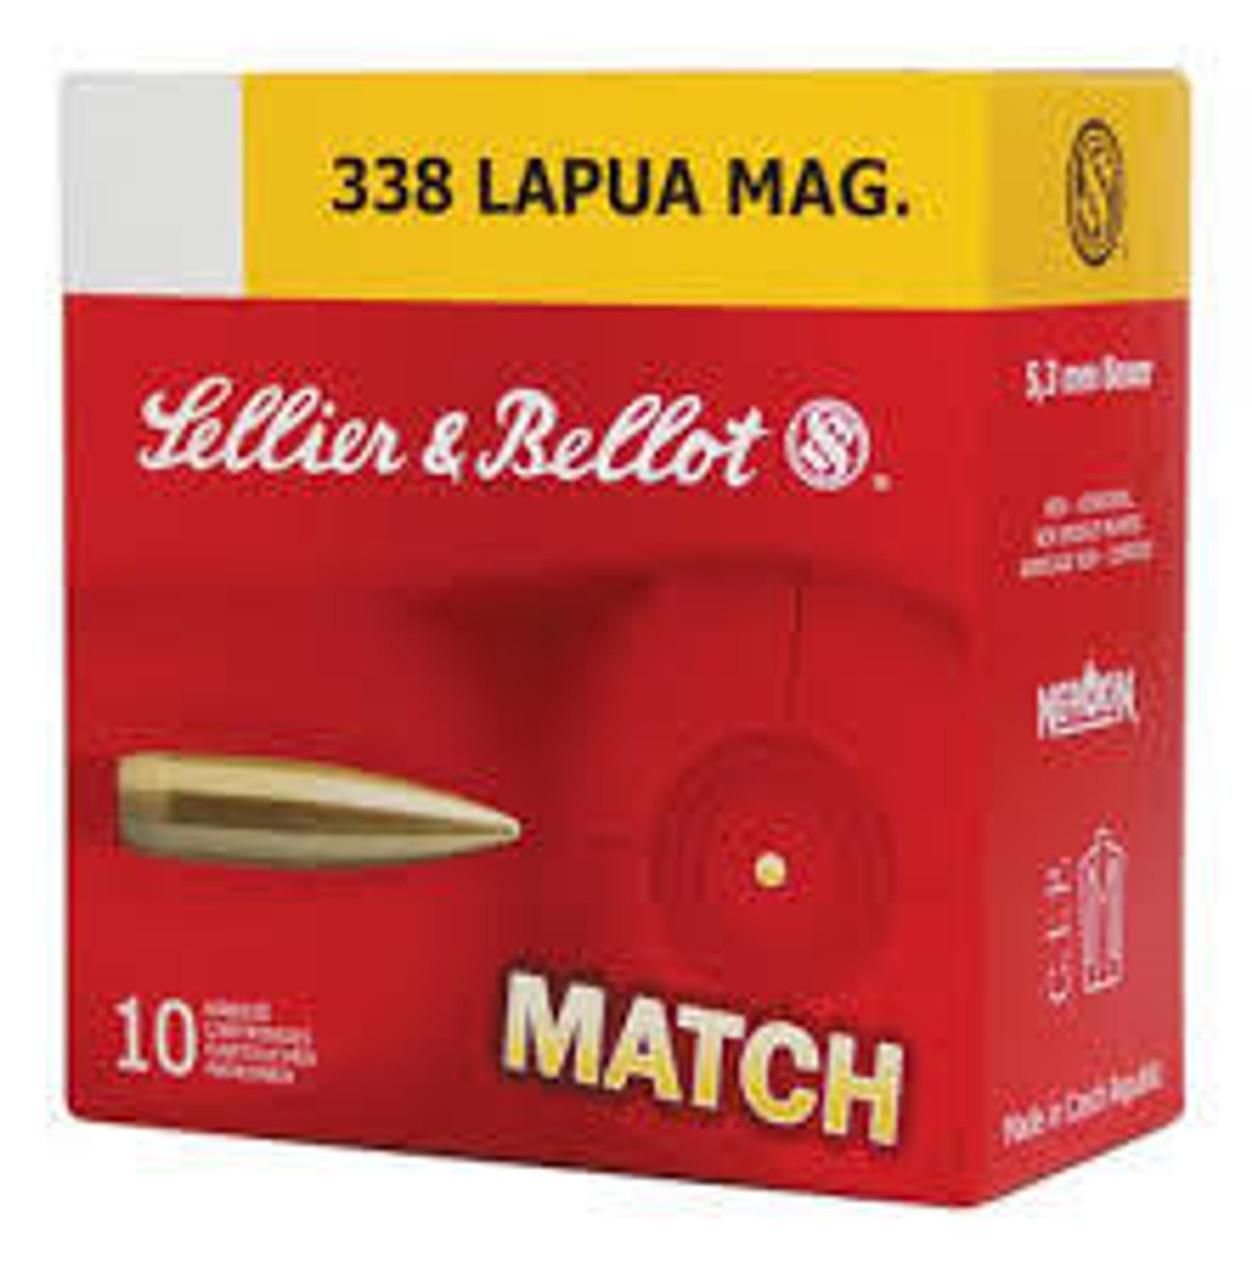 338 Lapua Mag Ammo